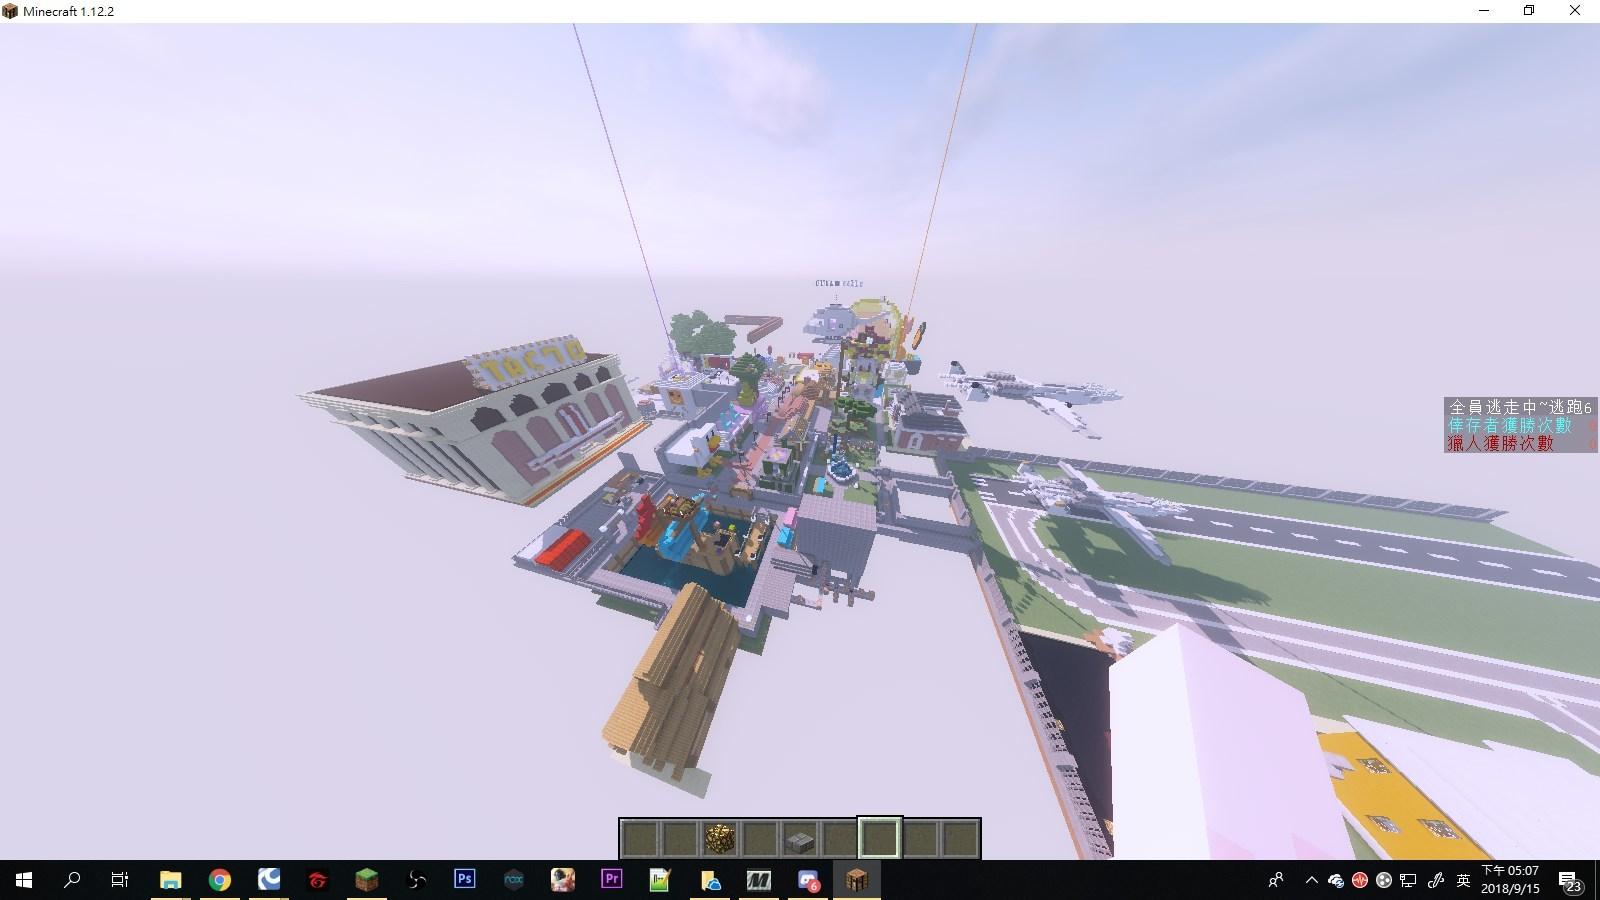 【自製】1.12.2 全員逃走中 ~大逃亡的滋味(需多人遊玩) @Minecraft 我的世界(當個創世神) 哈啦板 - 巴哈姆特